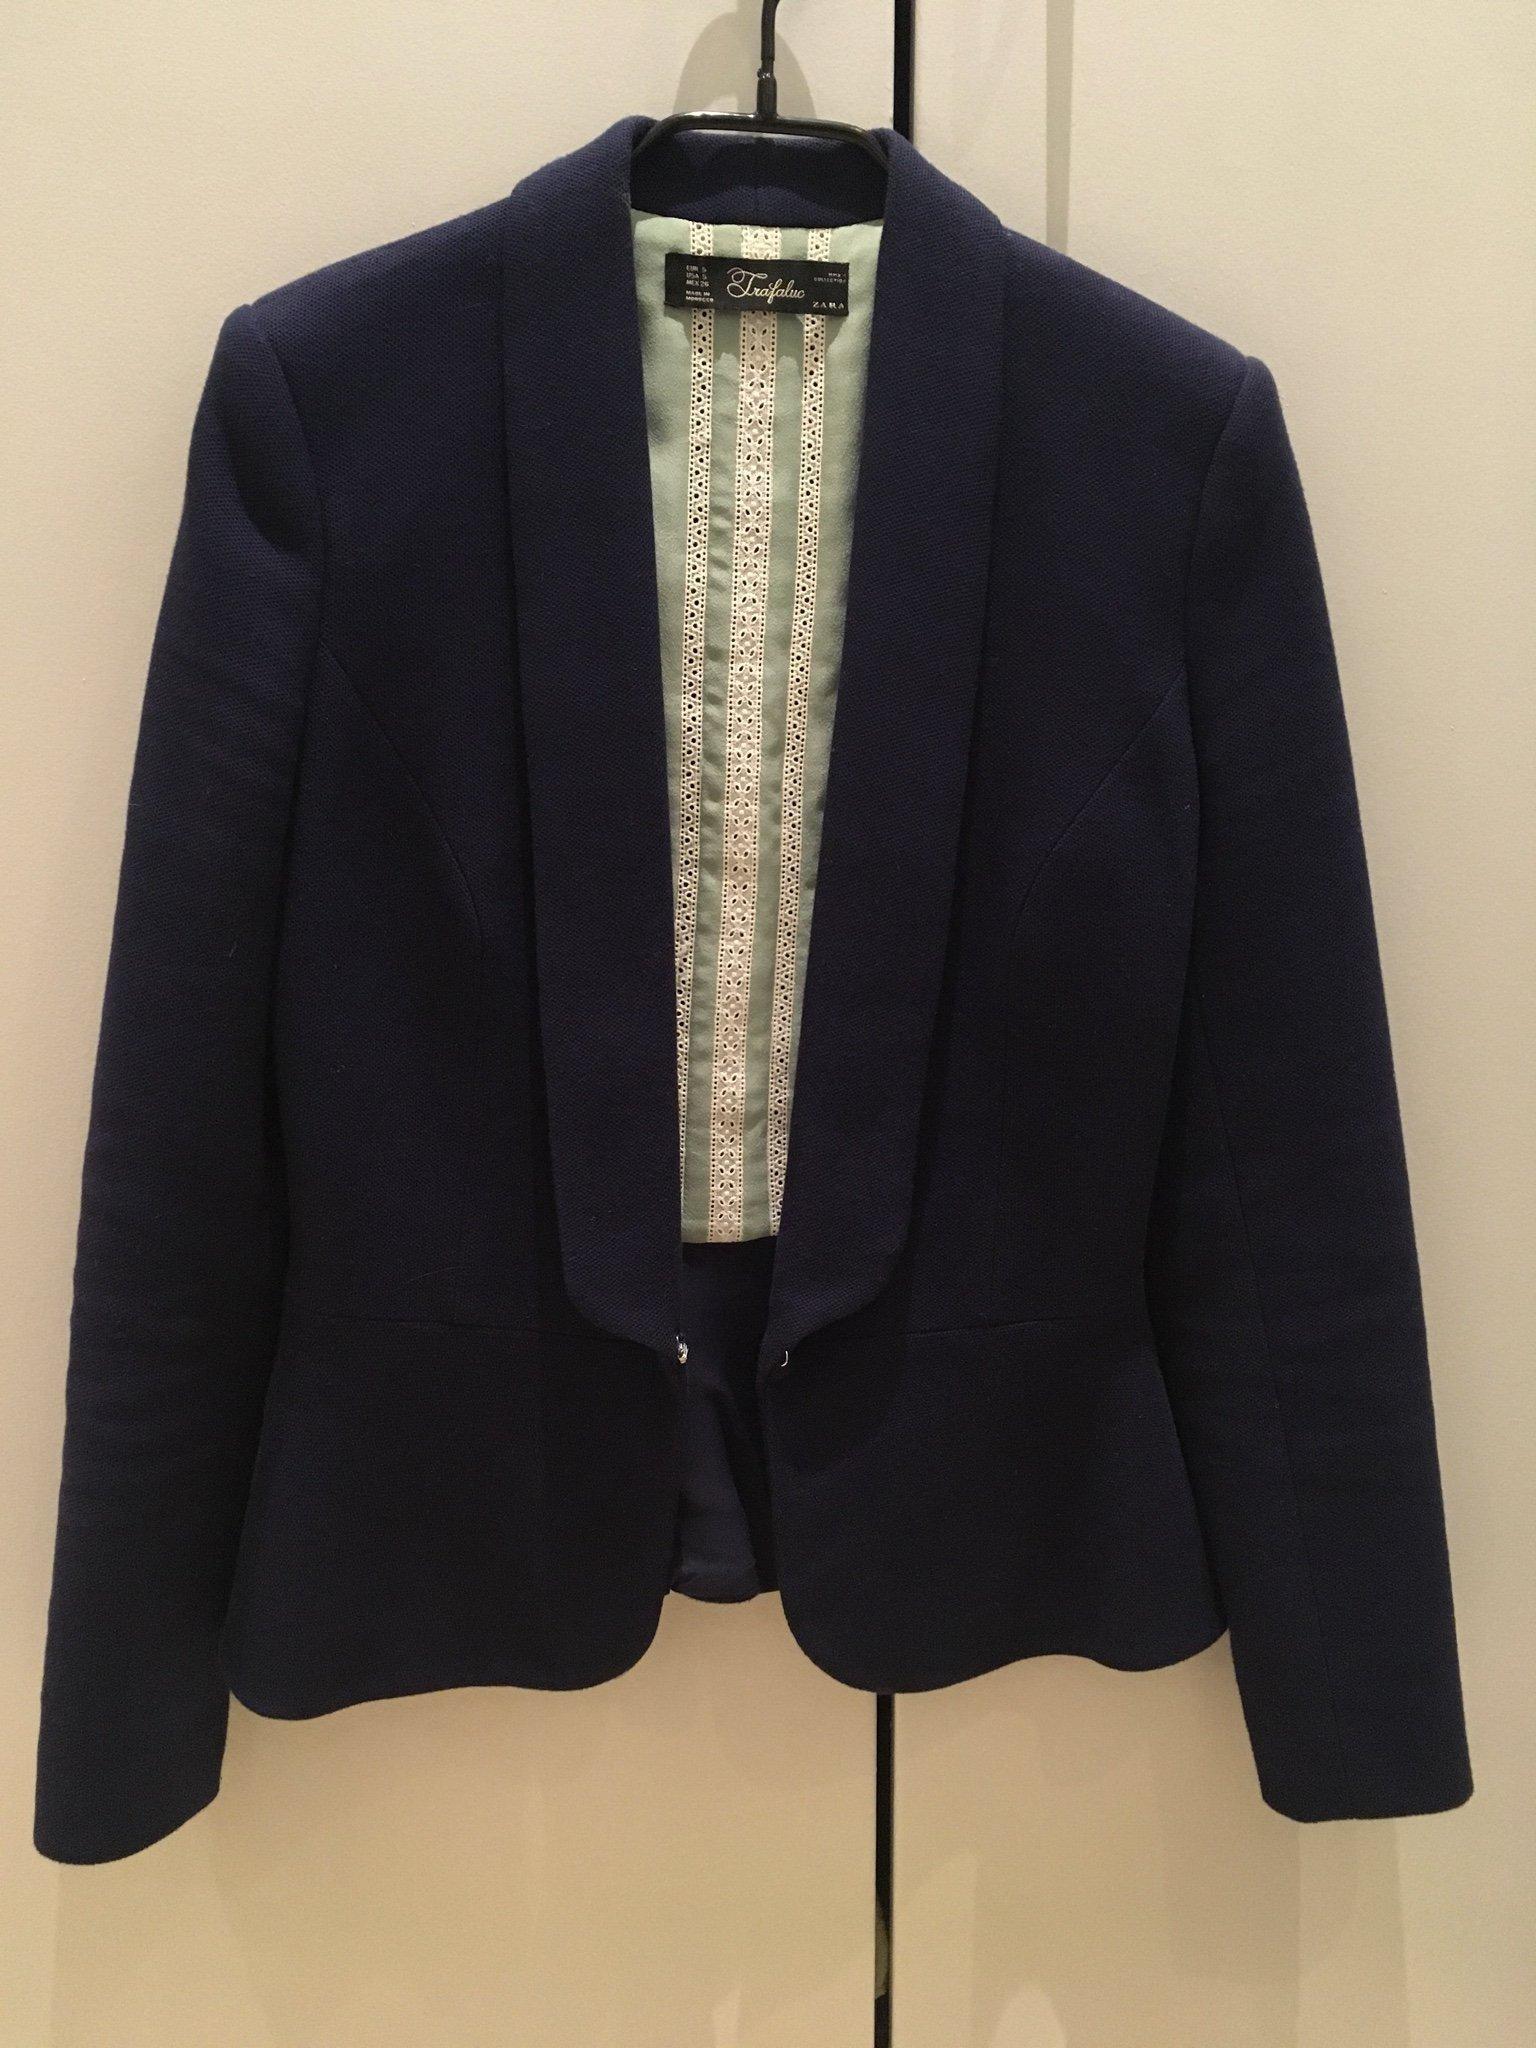 e3fbf85f22e8 Kavaj från Zara, Strl S (349339908) ᐈ Köp på Tradera